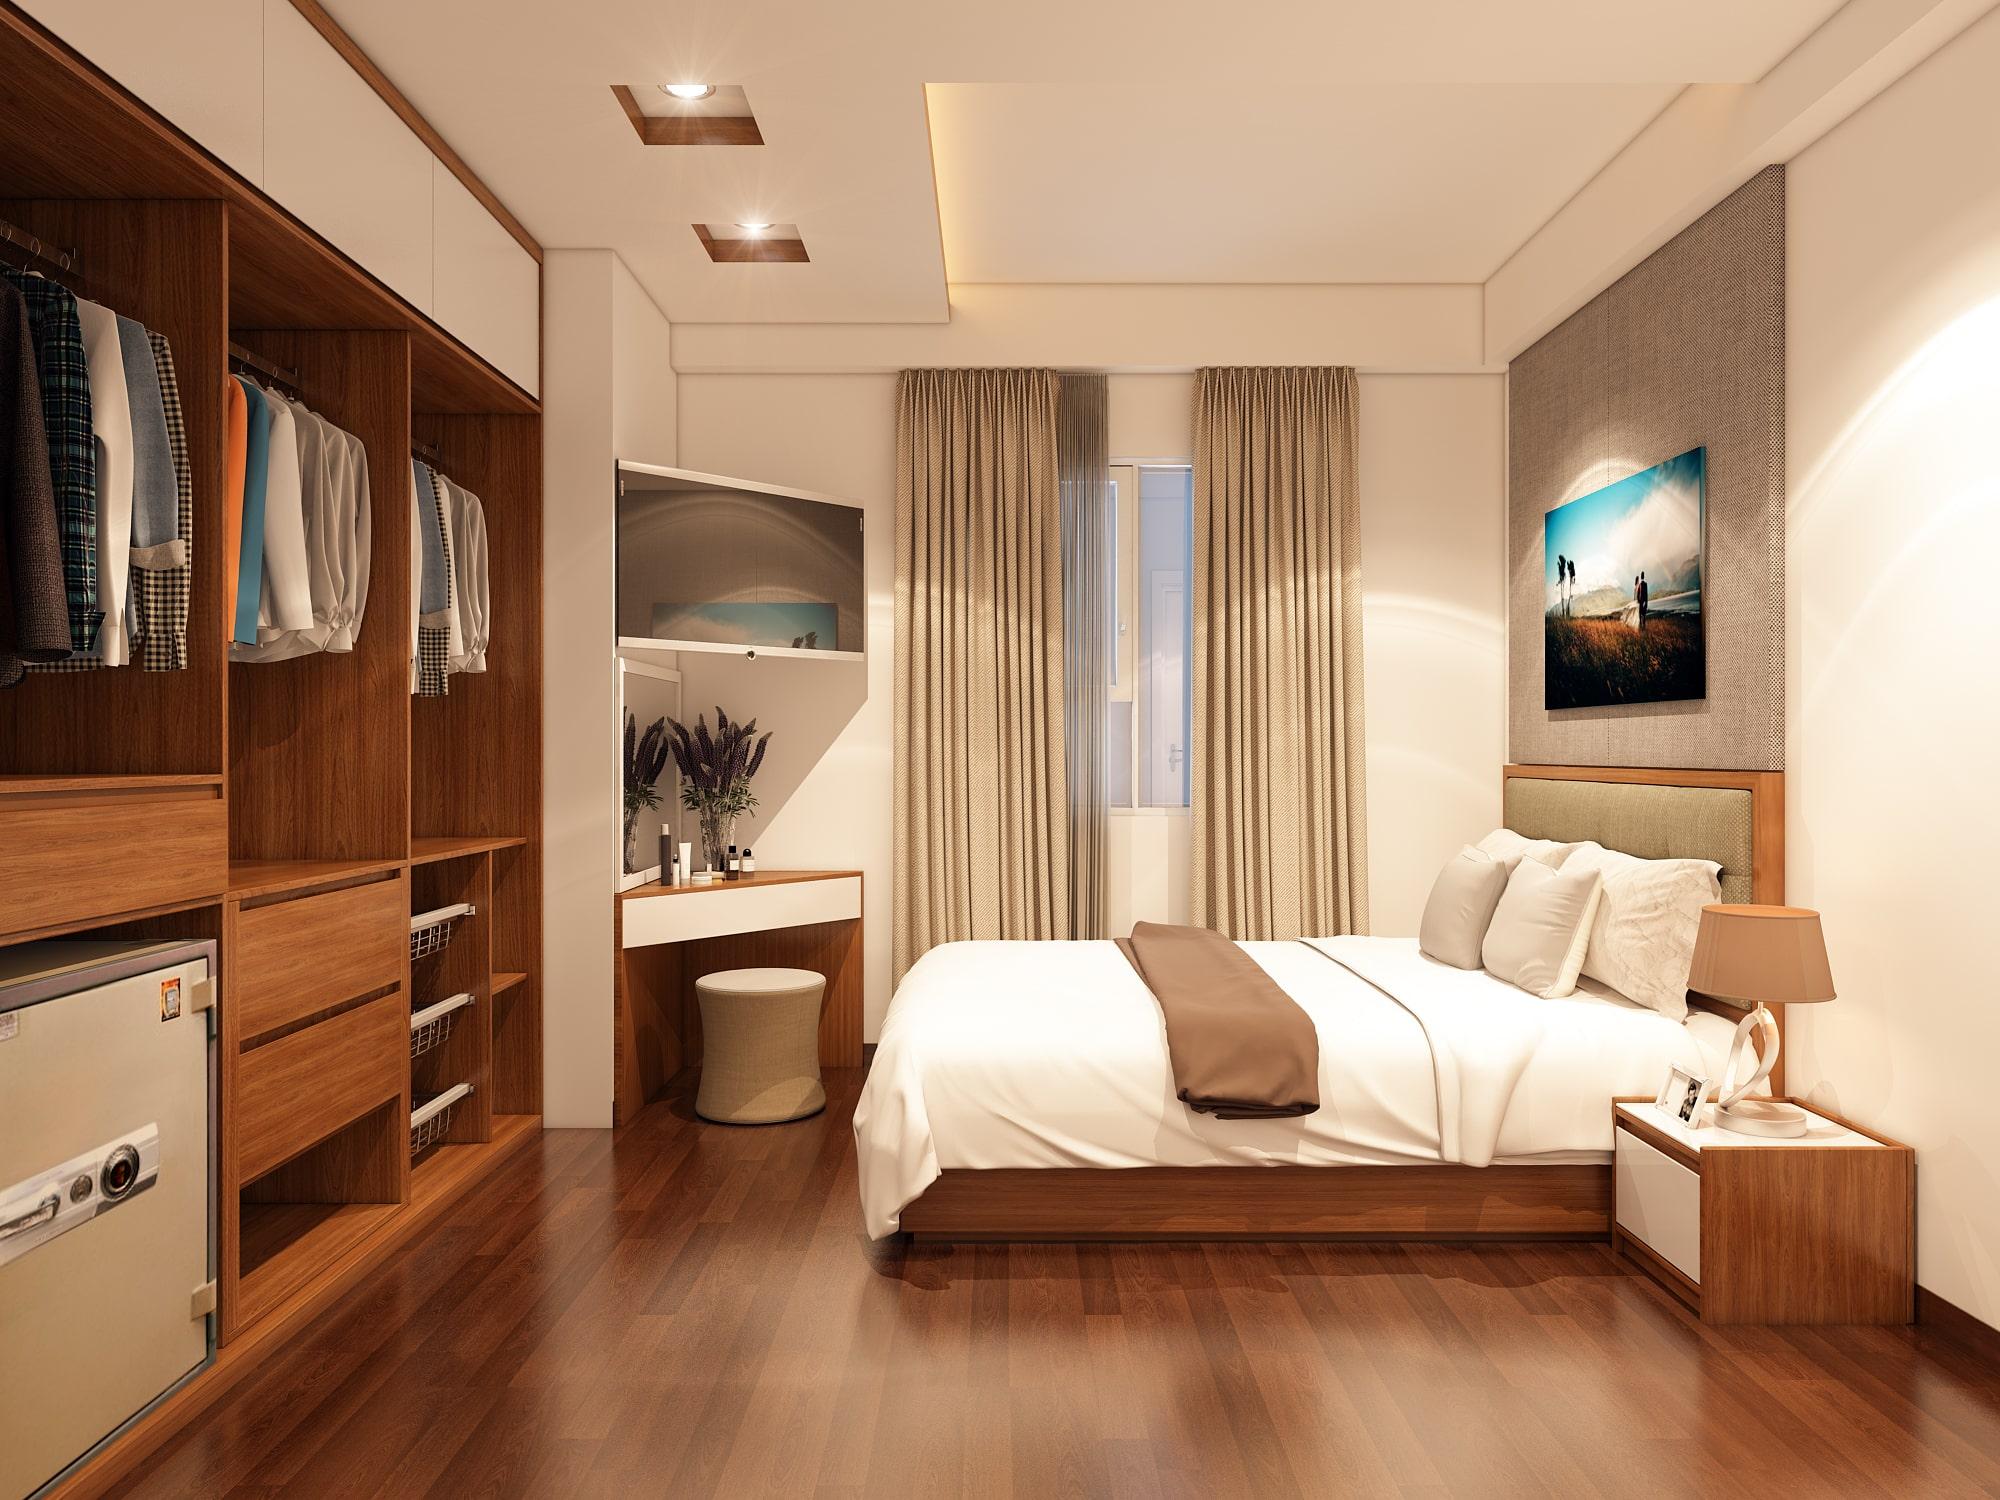 Chiêm ngưỡng thiết kế nội thất phòng ngủ sang trọng - chung cư Hà Đông